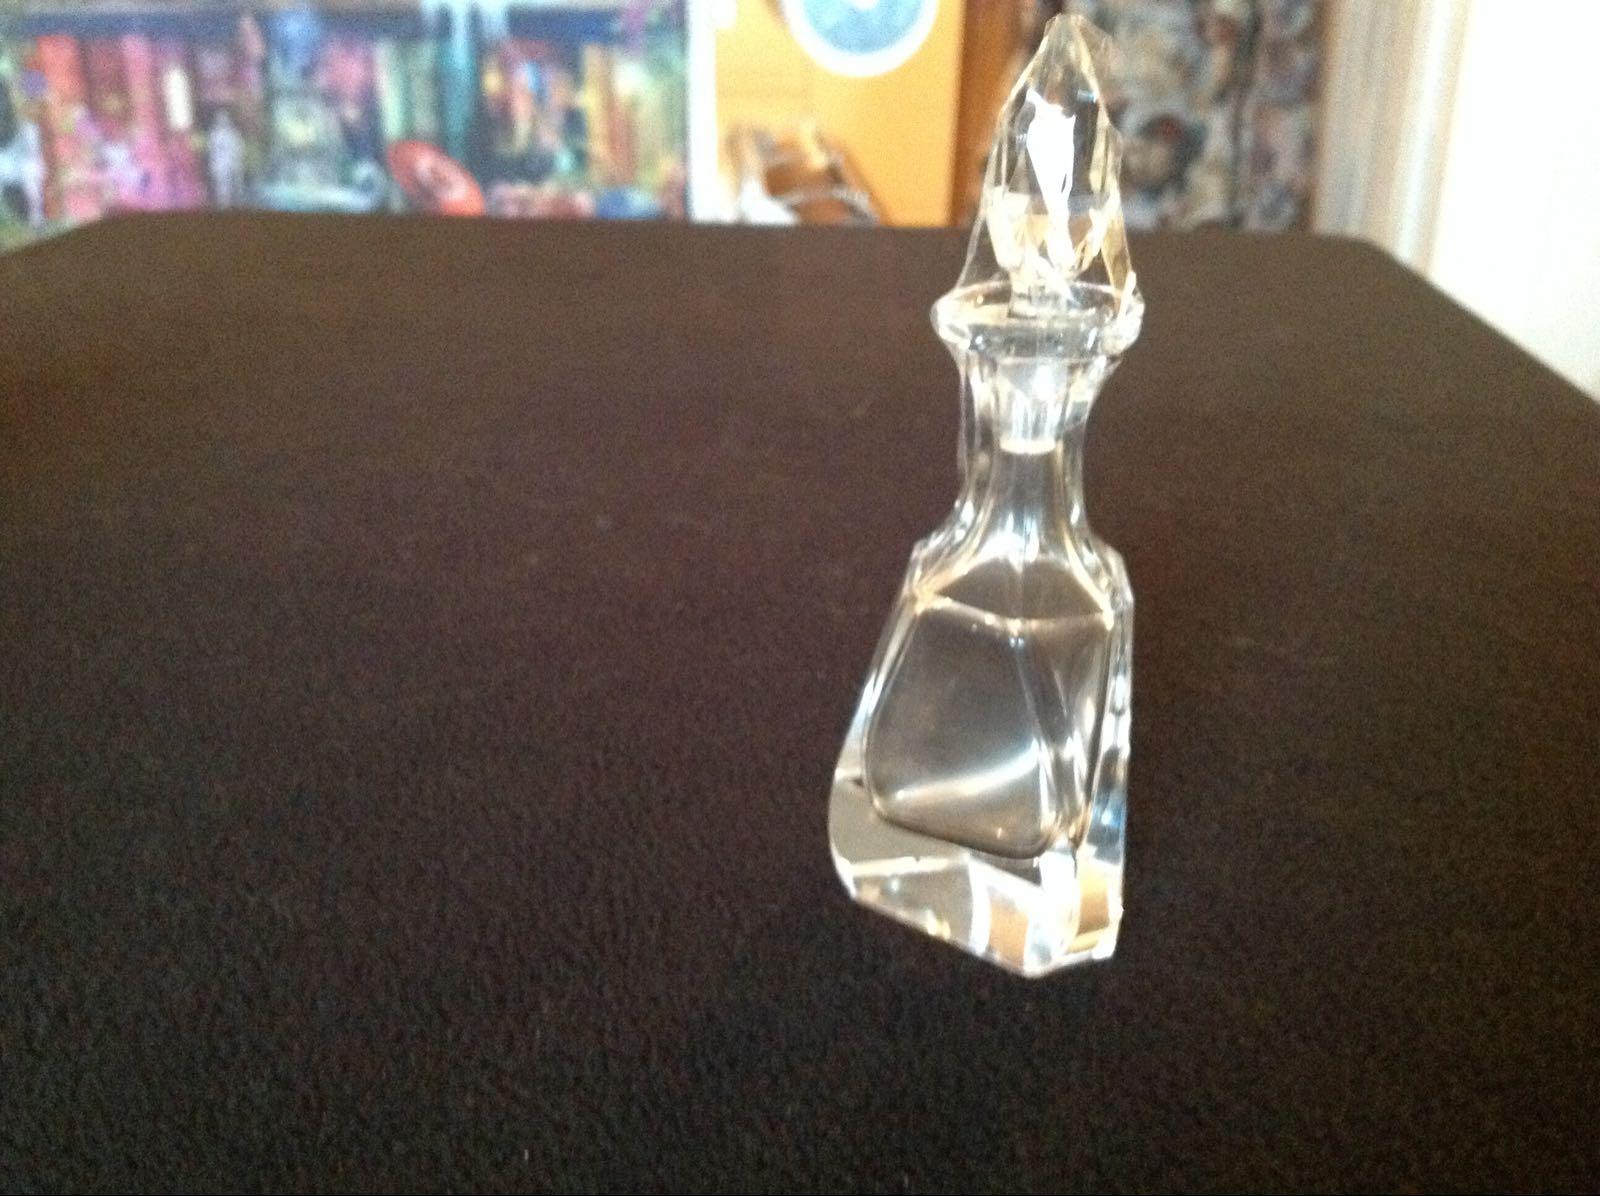 Karaff, glas - kristall liten (second hand, vintage, retro)